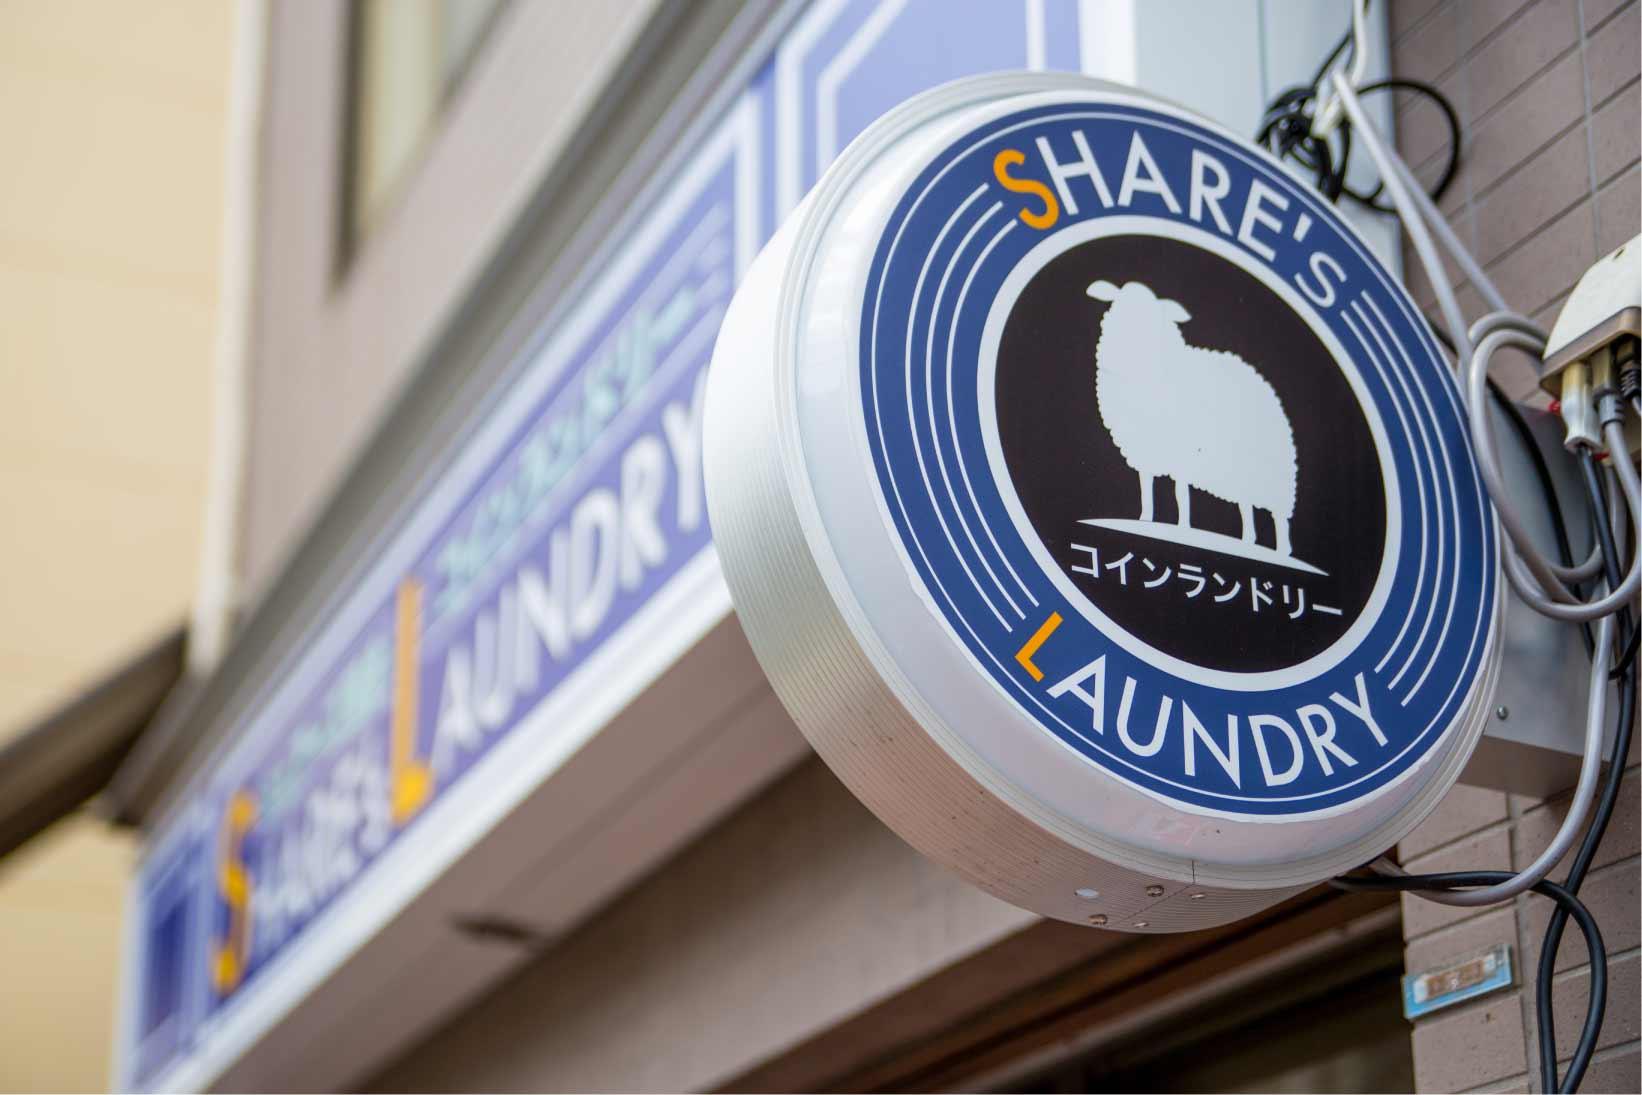 投稿タグ 24時間 コインランドリー, 24時間 コインランドリー 東京, AQUA, coinlaundry search, find coinlaundry, find launderette, find laundrmat,